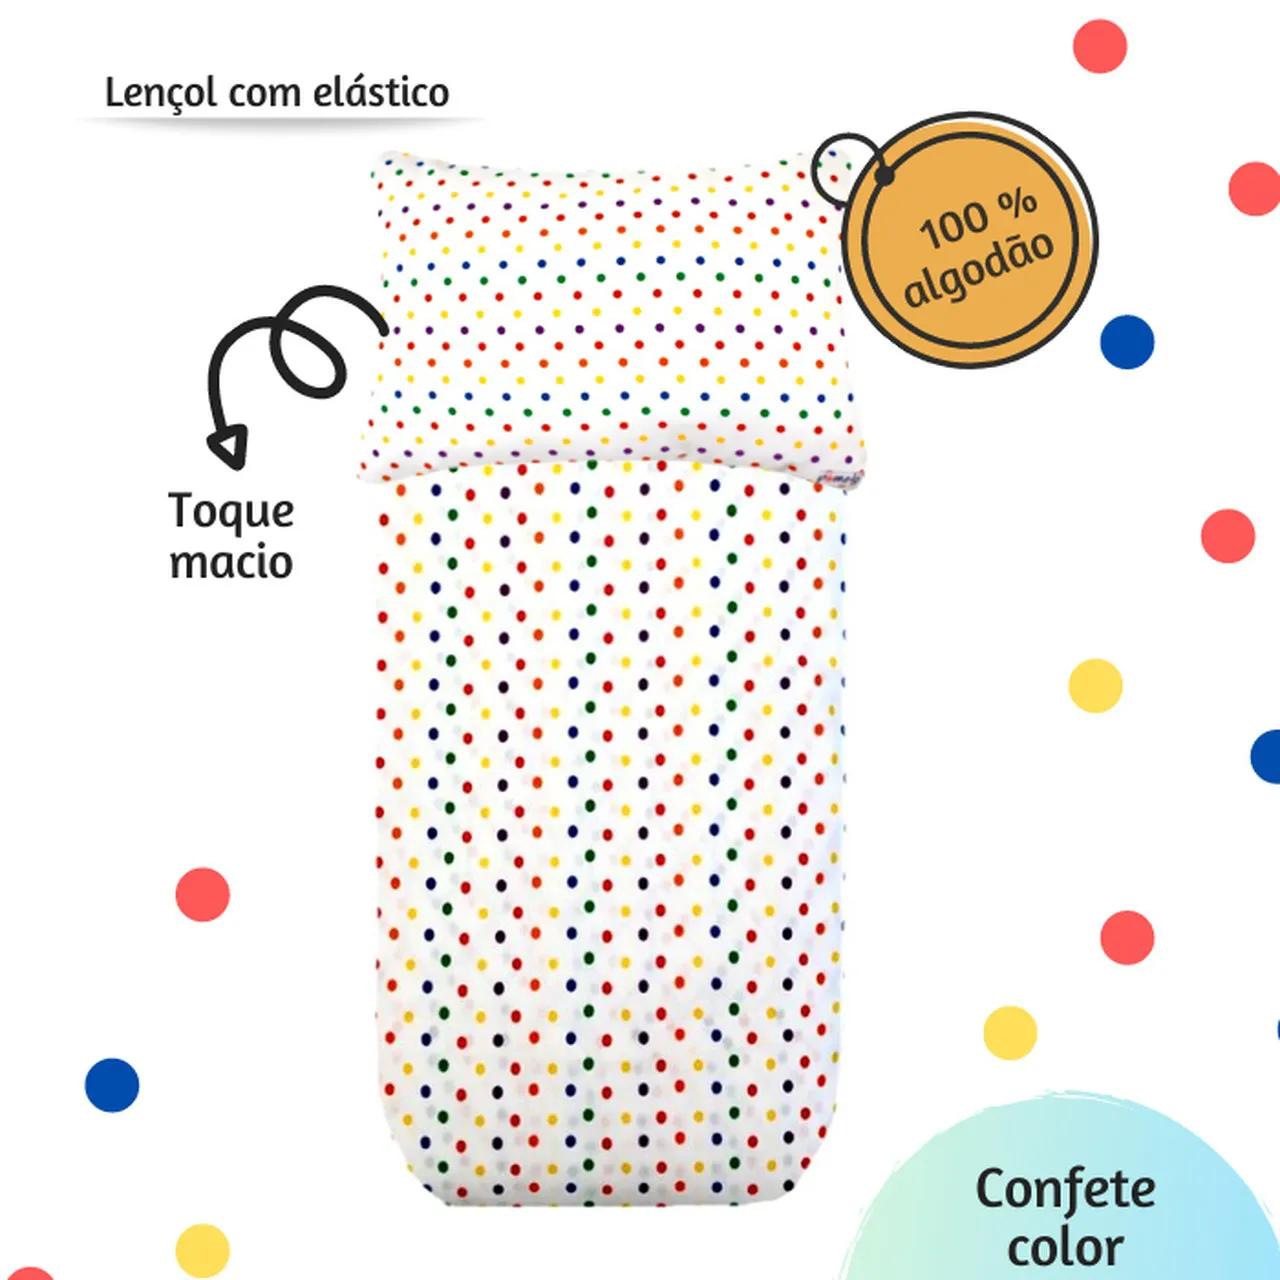 Jogo de lençol berço estampa Confete color